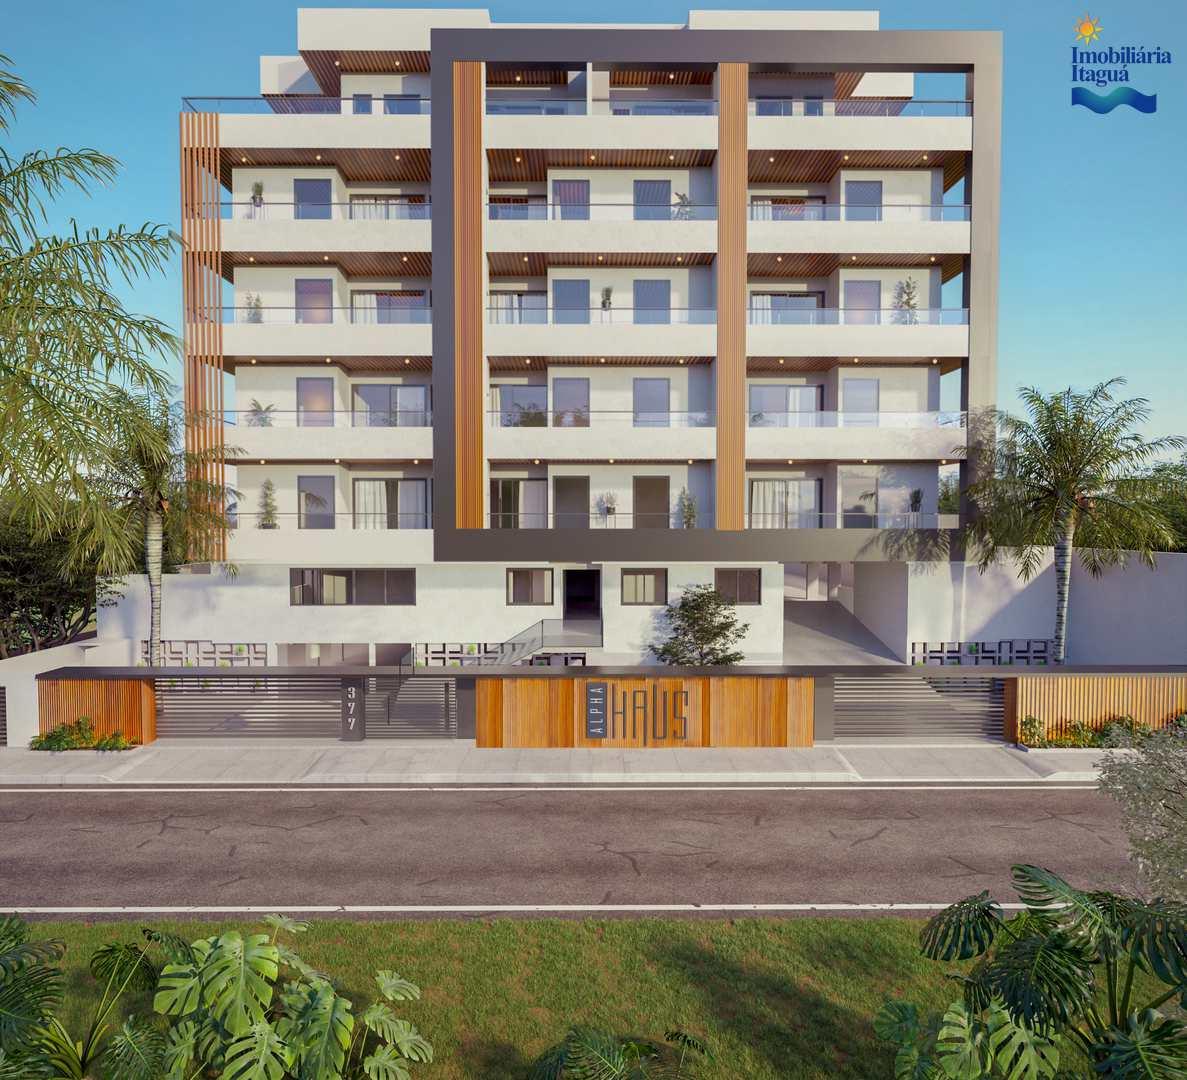 Pré lançamento com 2 dormitórios - Itaguá